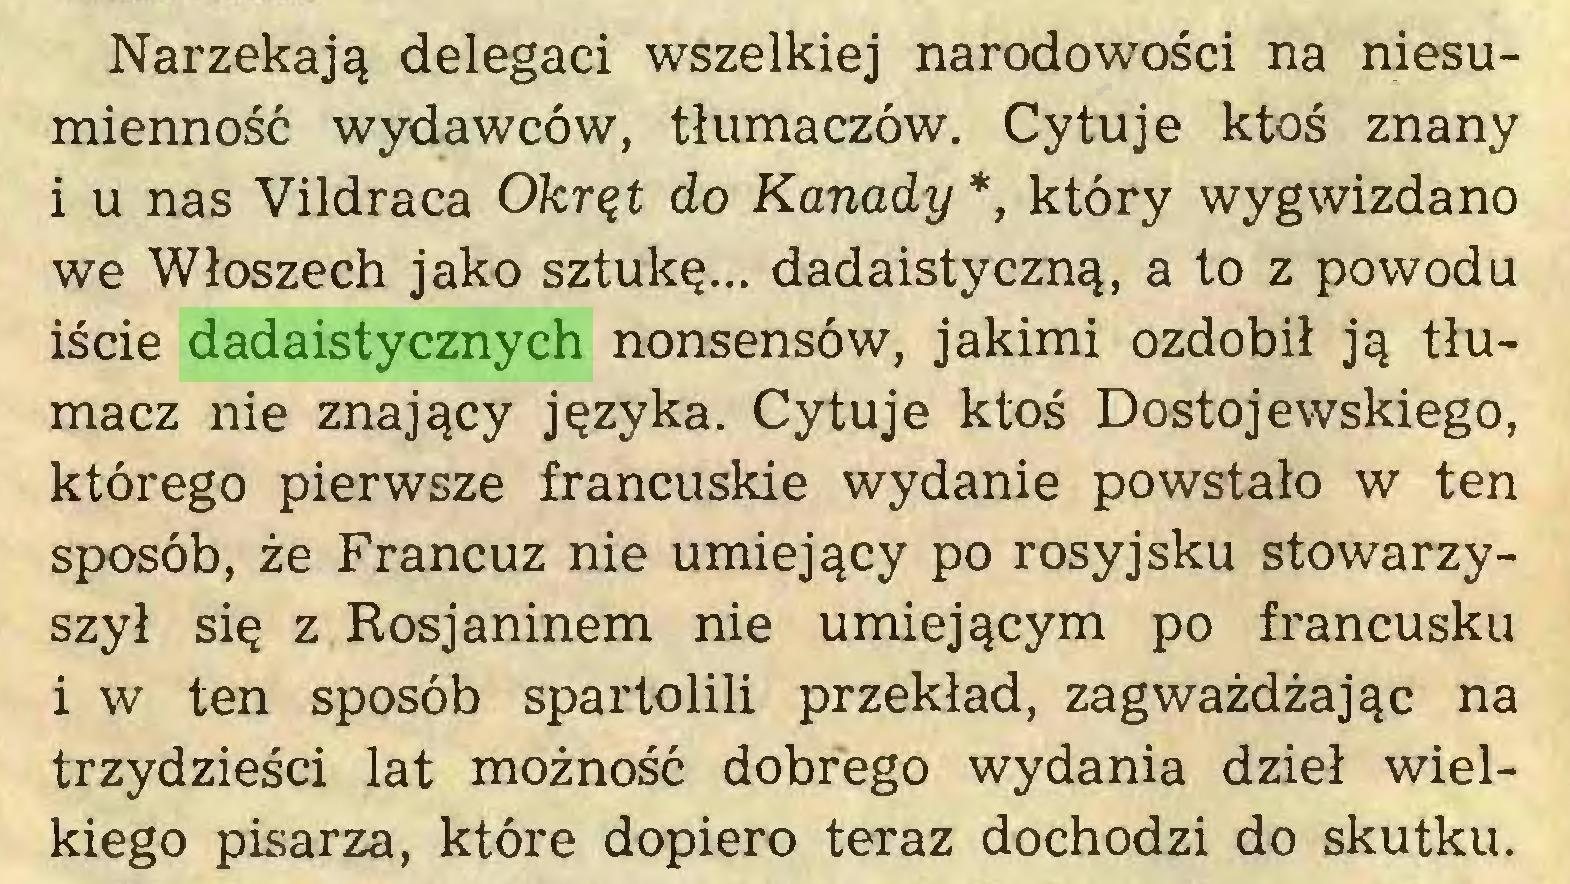 (...) Narzekają delegaci wszelkiej narodowości na niesumienność wydawców, tłumaczów. Cytuje ktoś znany i u nas Vildraca Okręt do Kanady *, który wygwizdano we Włoszech jako sztukę... dadaistyczną, a to z powodu iście dadaistycznych nonsensów, jakimi ozdobił ją tłumacz nie znający języka. Cytuje ktoś Dostojewskiego, którego pierwsze francuskie wydanie powstało w ten sposób, że Francuz nie umiejący po rosyjsku stowarzyszył się z Rosjaninem nie umiejącym po francusku i w ten sposób spartolili przekład, zagważdżając na trzydzieści lat możność dobrego wydania dzieł wielkiego pisarza, które dopiero teraz dochodzi do skutku...